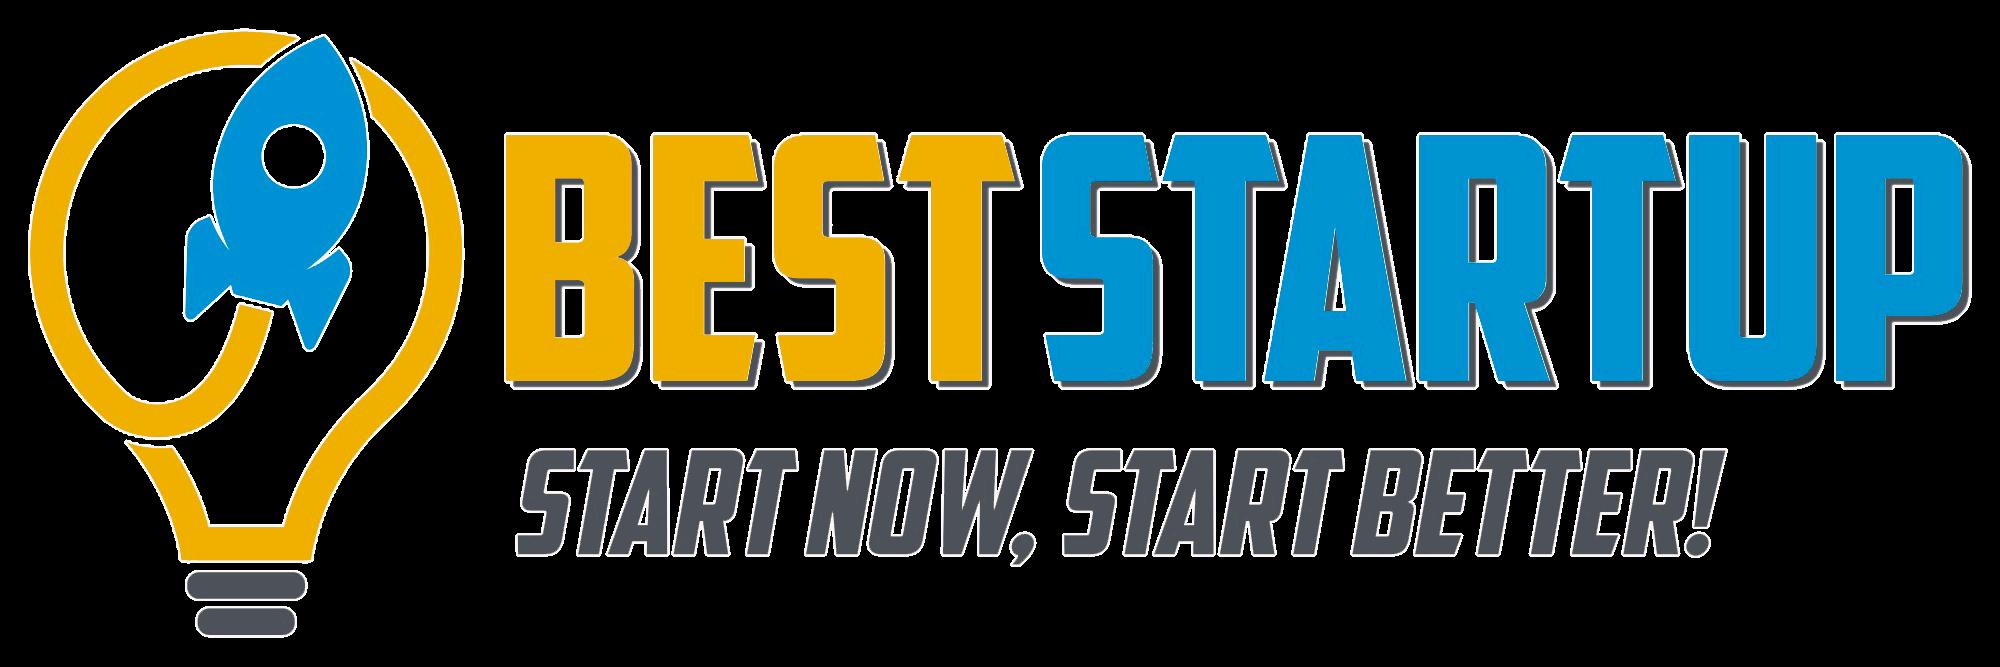 Best Startup logo